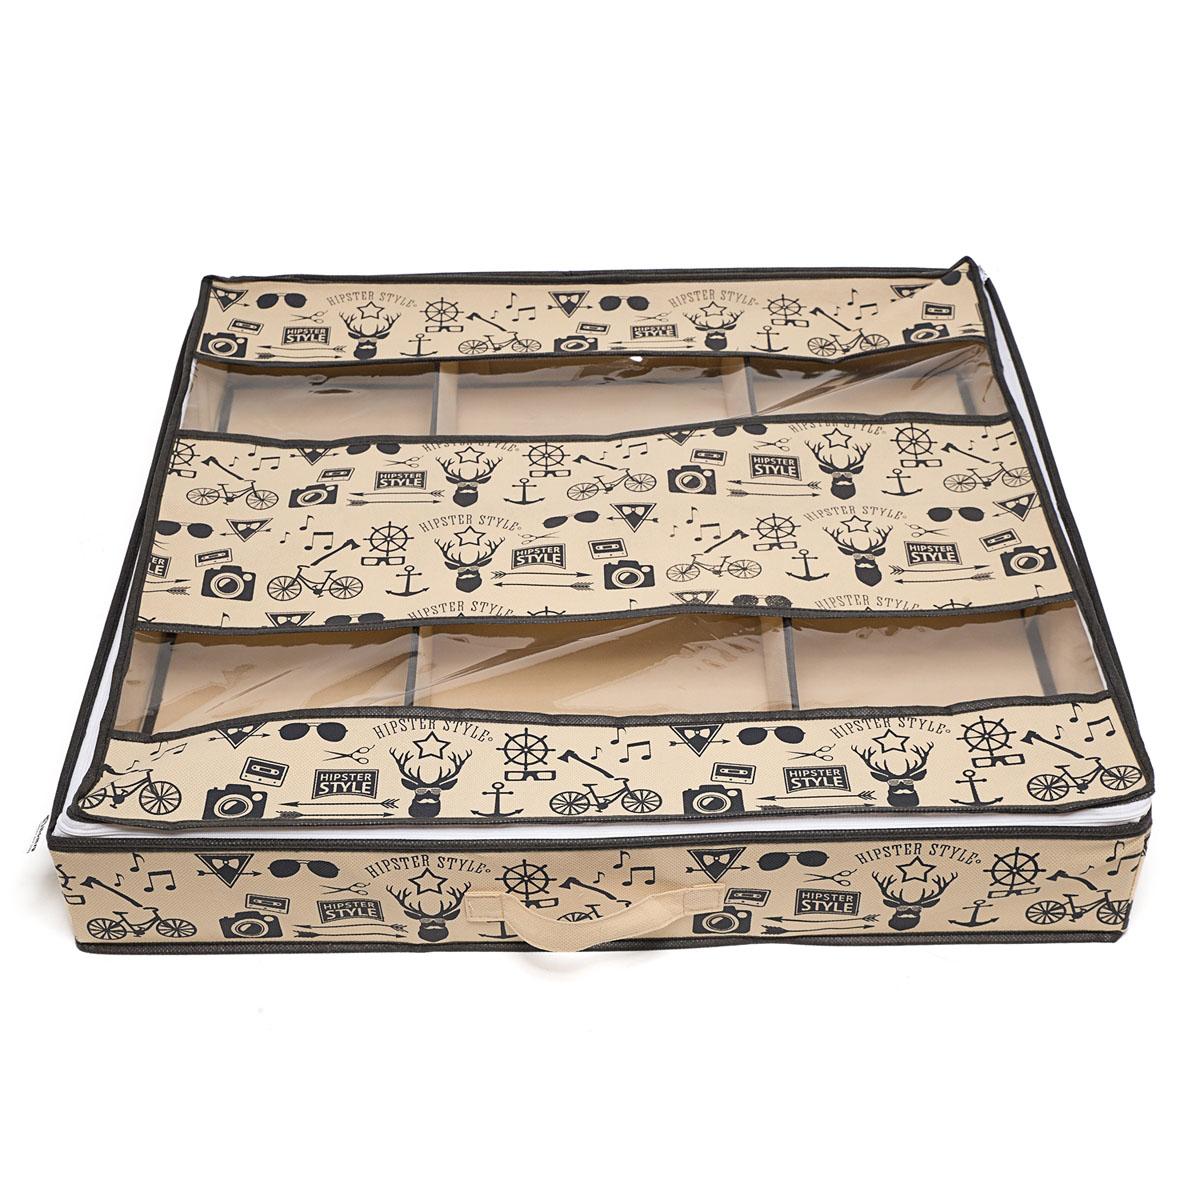 Органайзер для хранения обуви Hipster Style, 6 секций, 66 х 63 х 11 смU210DFКомпактный складной органайзер Homsu Hipster Style изготовлен из высококачественного полиэстера, который обеспечивает естественную вентиляцию. Материал позволяет воздуху свободно проникать внутрь, но не пропускает пыль. Органайзер отлично держит форму, благодаря вставкам из плотного картона. Изделие имеет 6 секций для хранения обуви.Такой органайзер позволит вам хранить вещи компактно и удобно. Размер секции: 20 х 32 см.